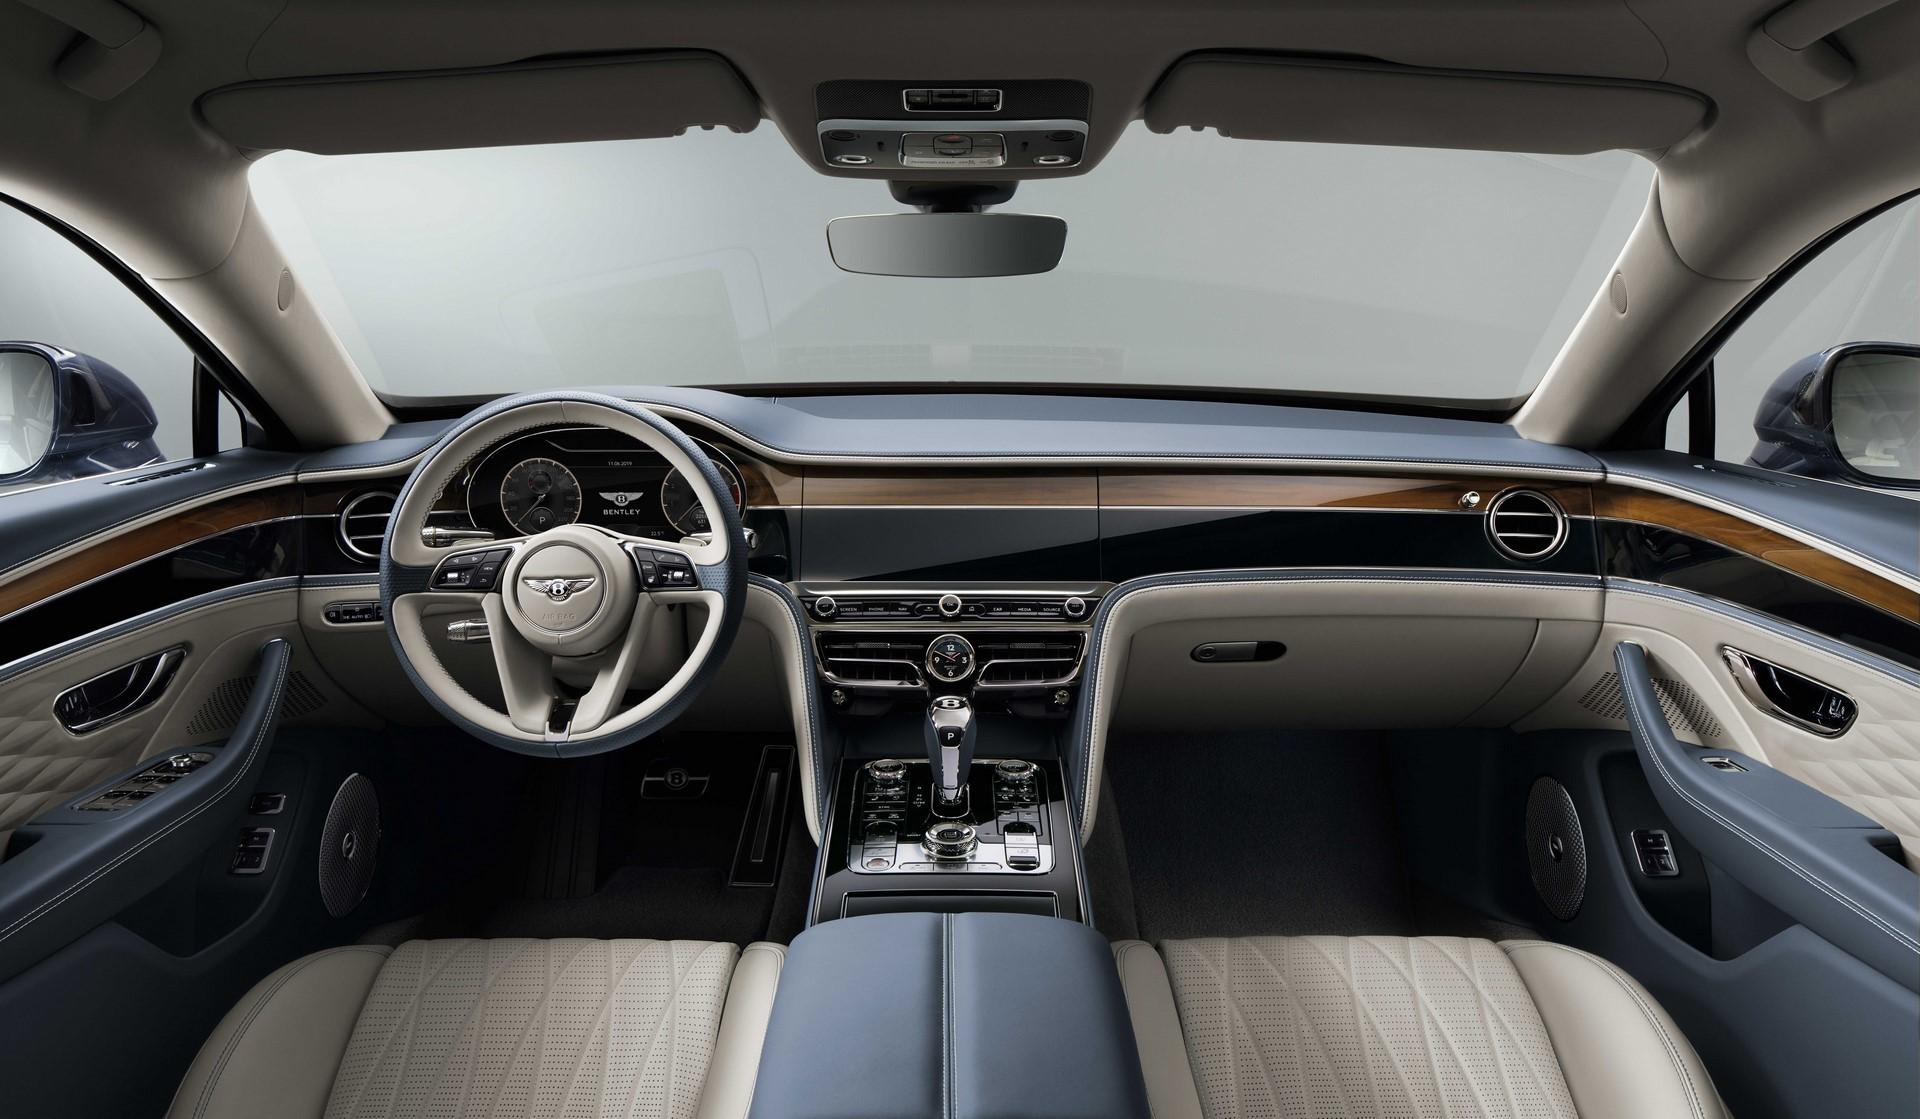 New-Bentley-Flying-Spur-7